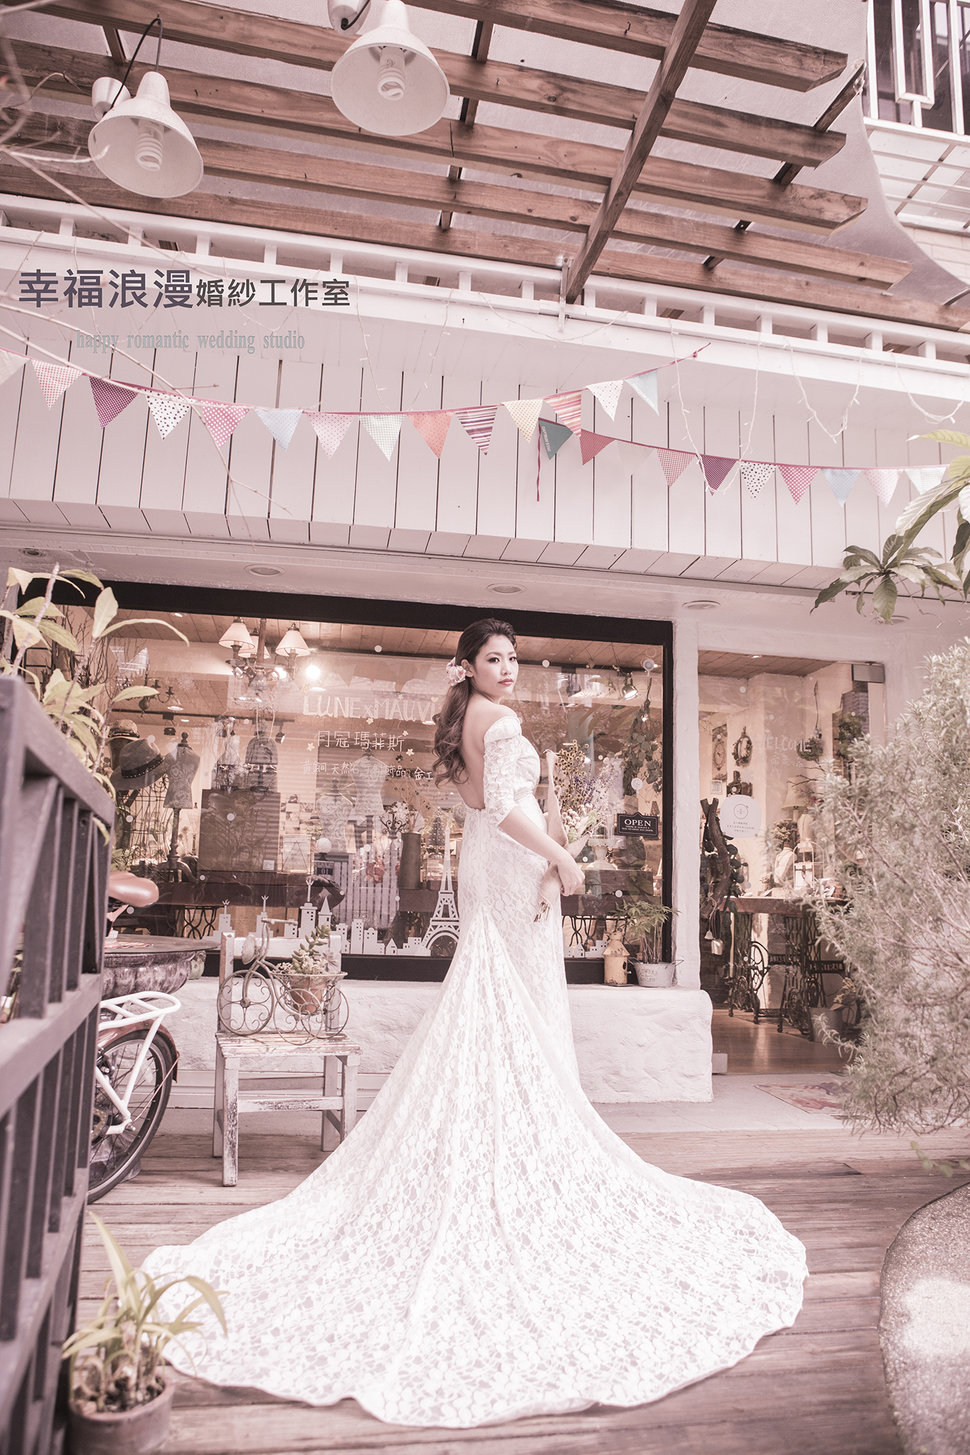 5G3A2462-1 - 幸福浪漫婚紗工作室 韓式婚紗攝影《結婚吧》